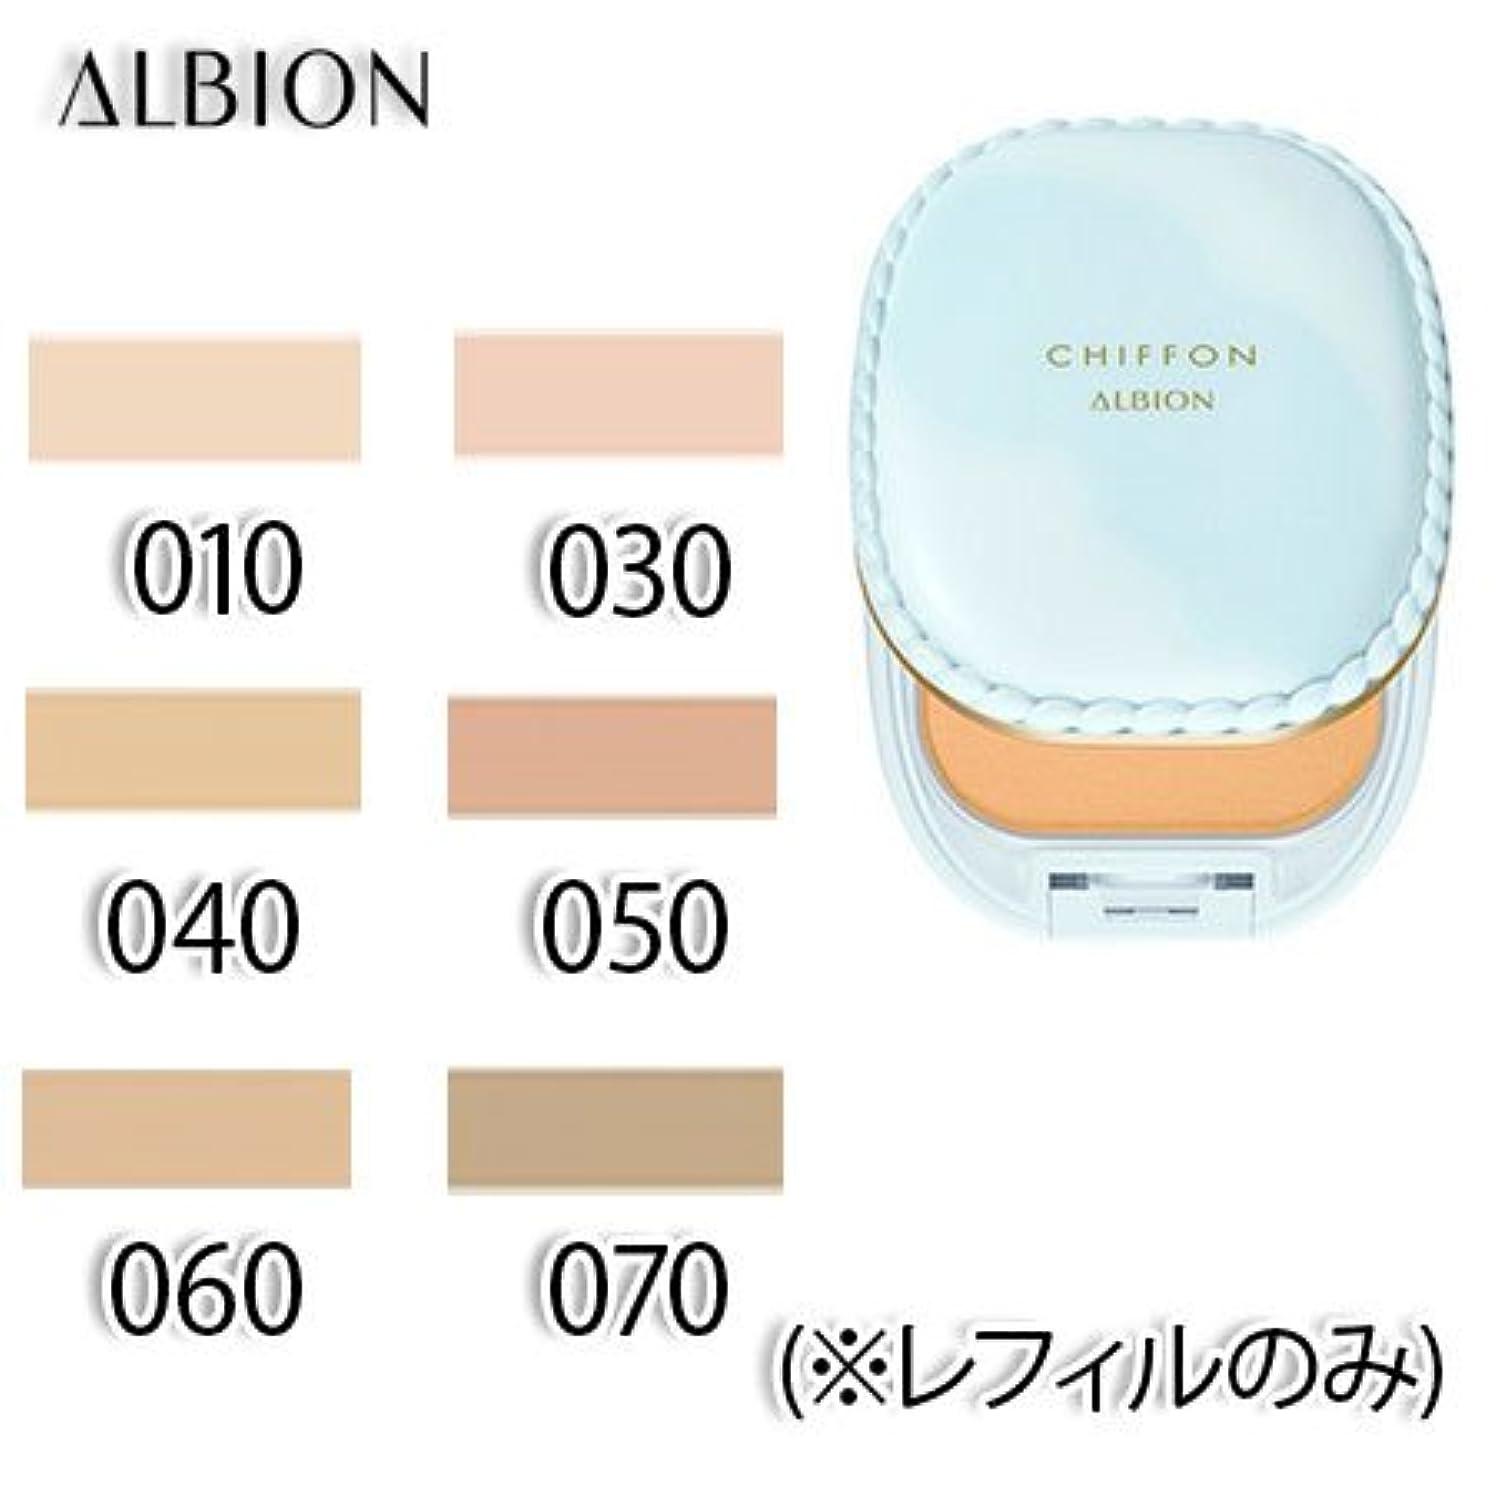 リーダーシップ力逸脱アルビオン スノー ホワイト シフォン 全6色 SPF25?PA++ 10g (レフィルのみ) -ALBION- 070